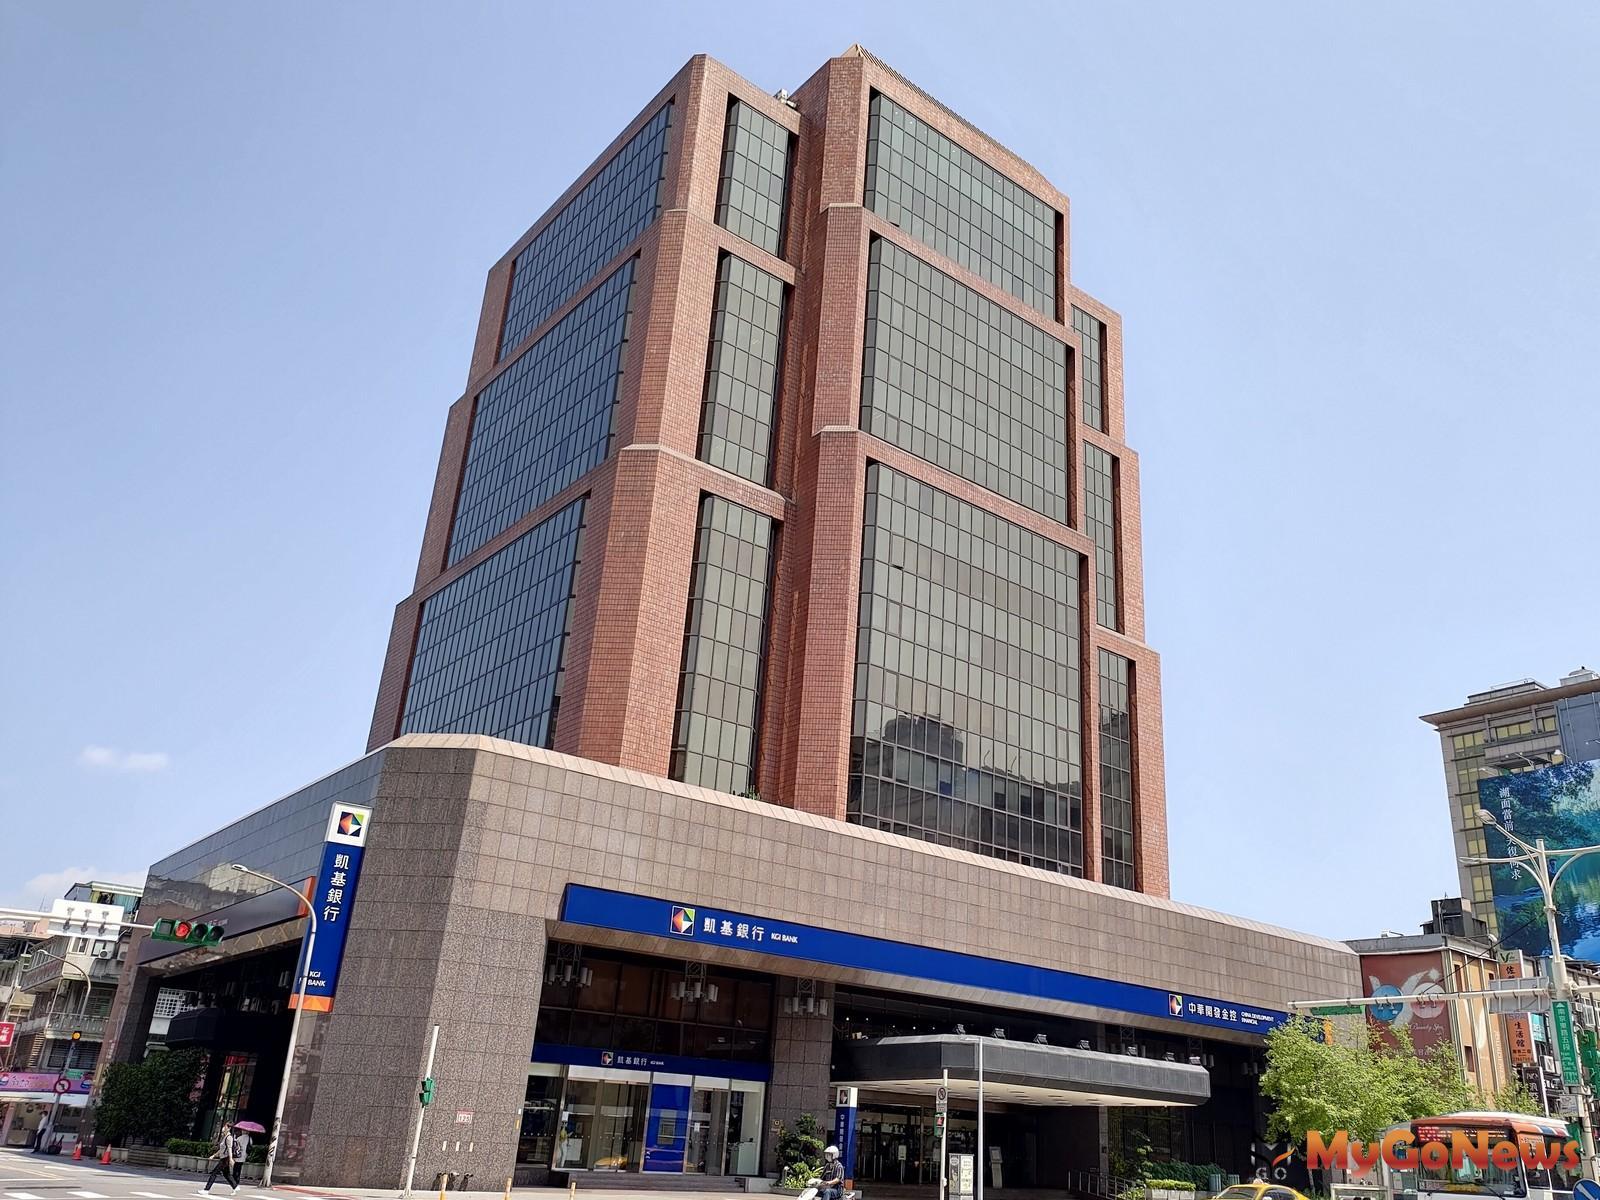 台北市東區地標中華開發大樓2021年元月精彩開紅盤!新光人壽保險以新台幣92億8,880萬元得標!(圖/戴德梁行) MyGoNews房地產新聞 市場快訊